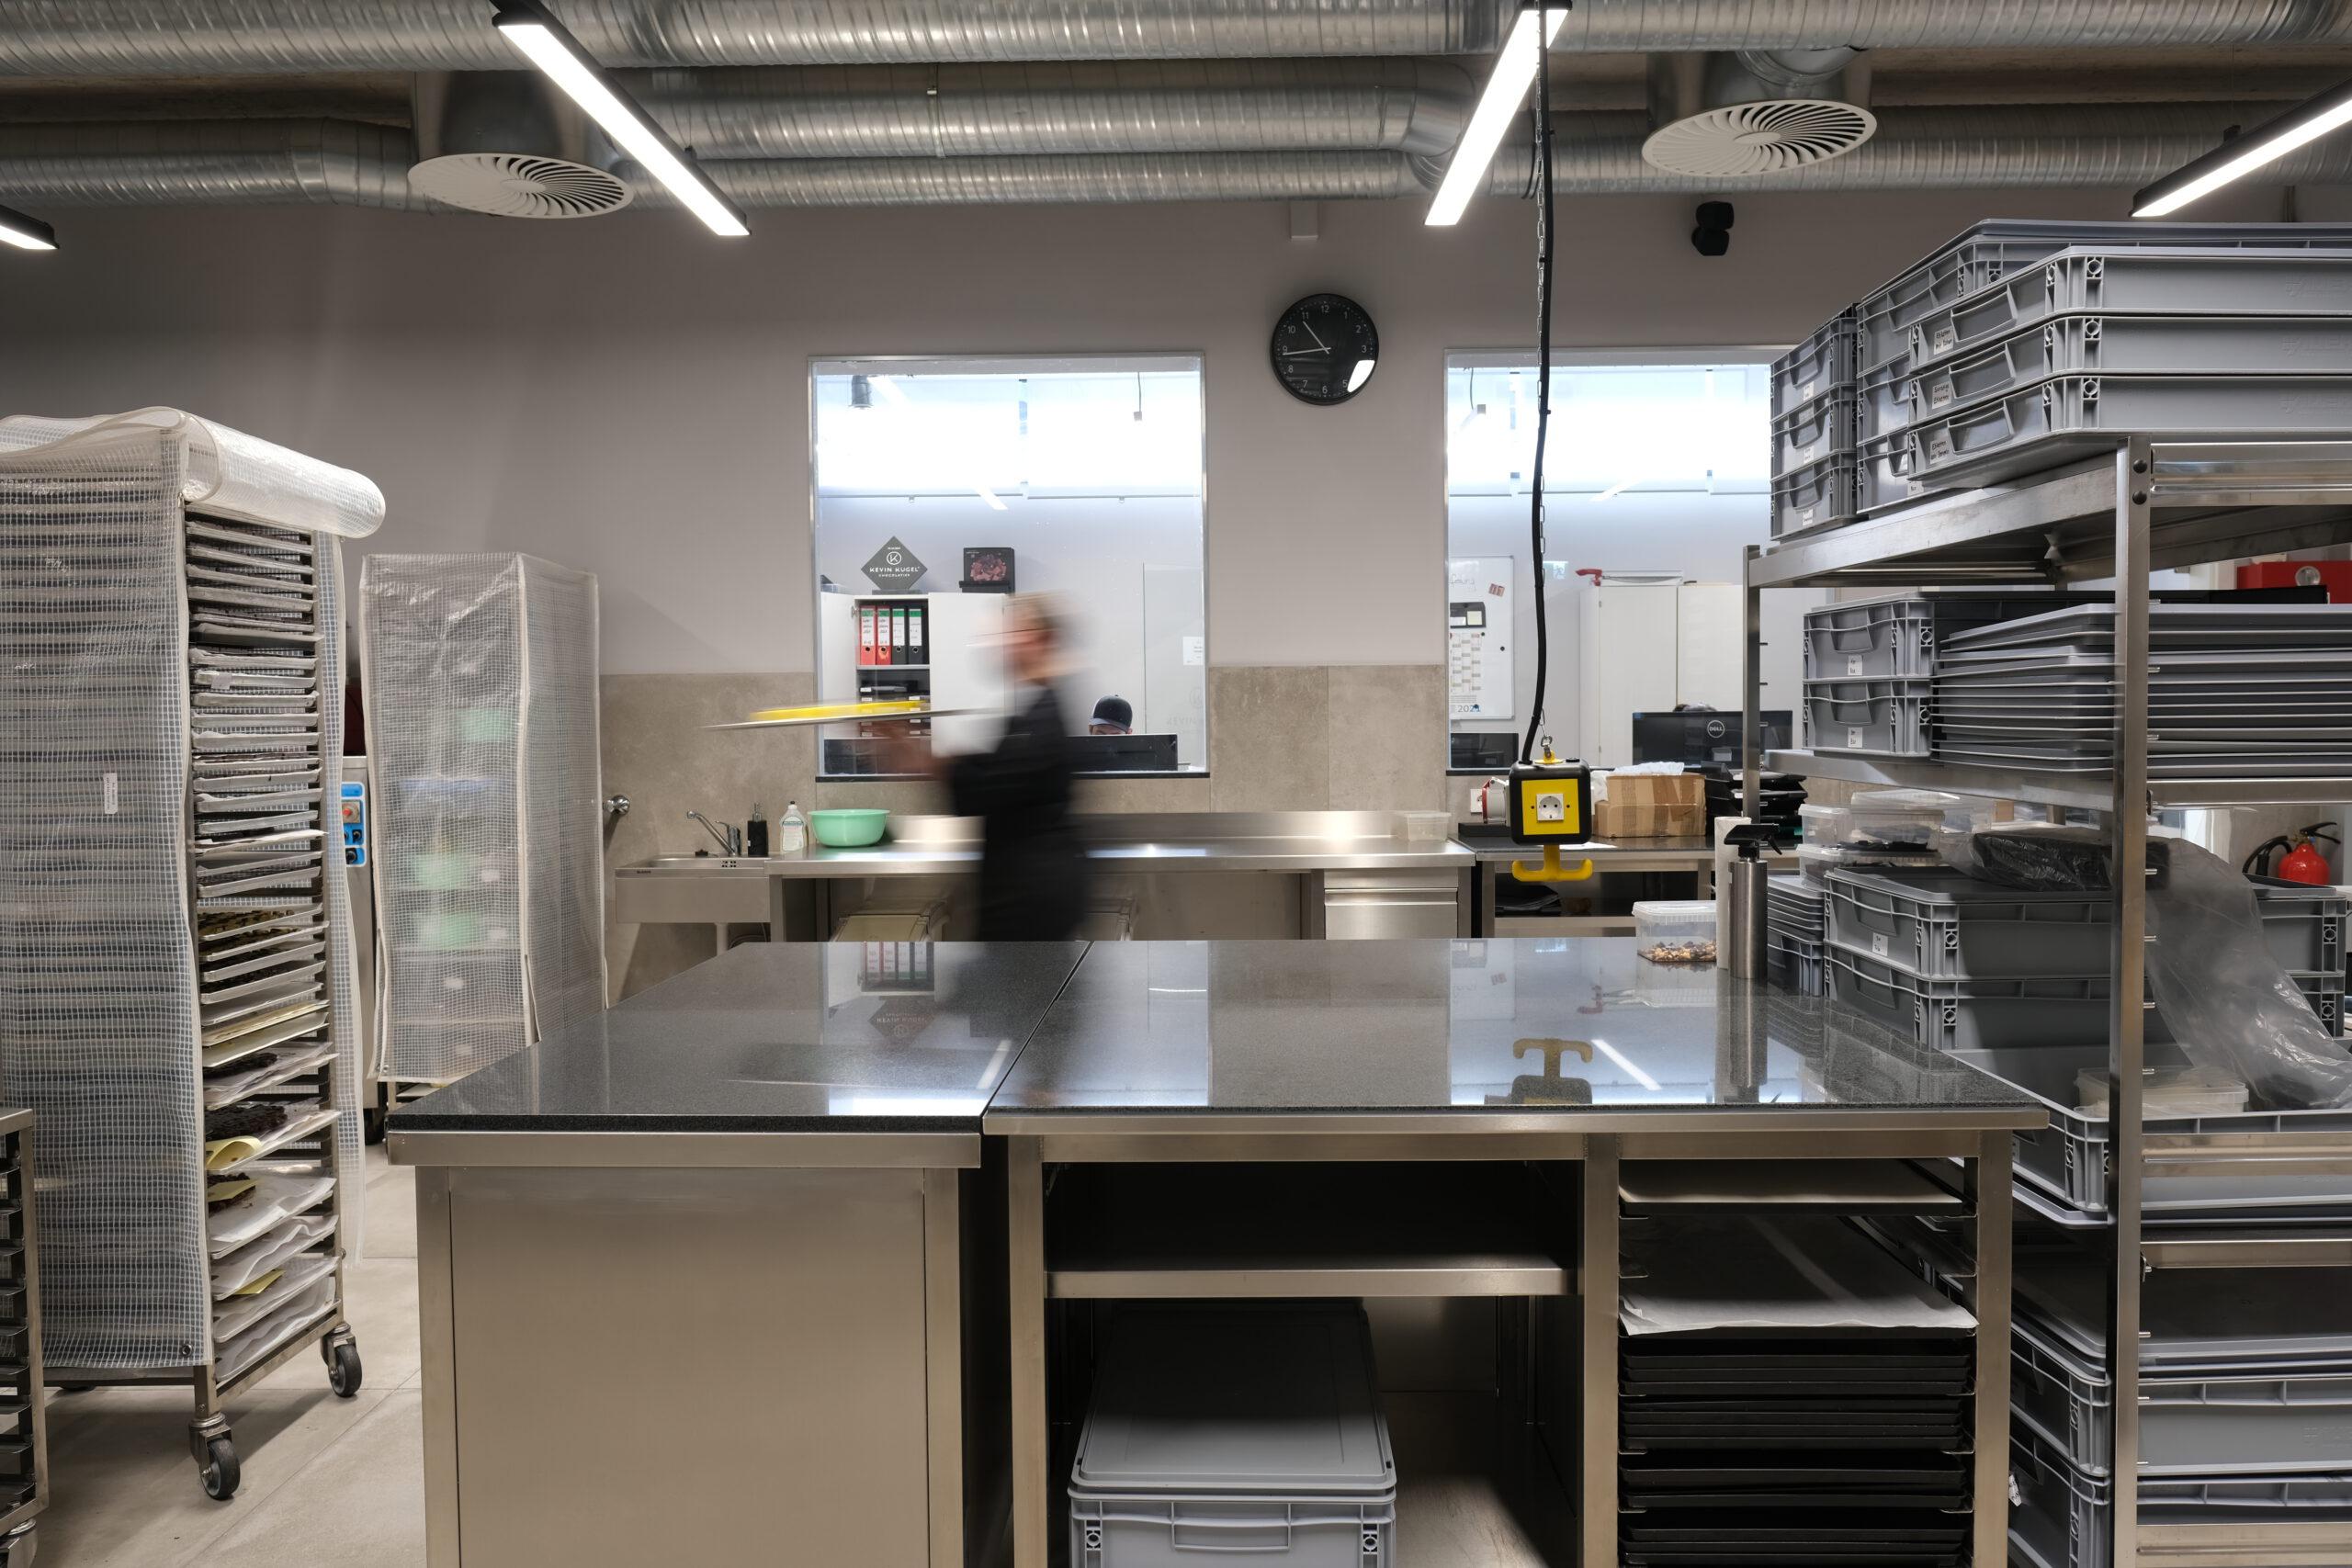 Sebastian klawiter Hanna Noller Innenarchitektur Sindelfingen Deutschen Meisters Chocolatiers Kevin Kugel Architektur Design Möbel